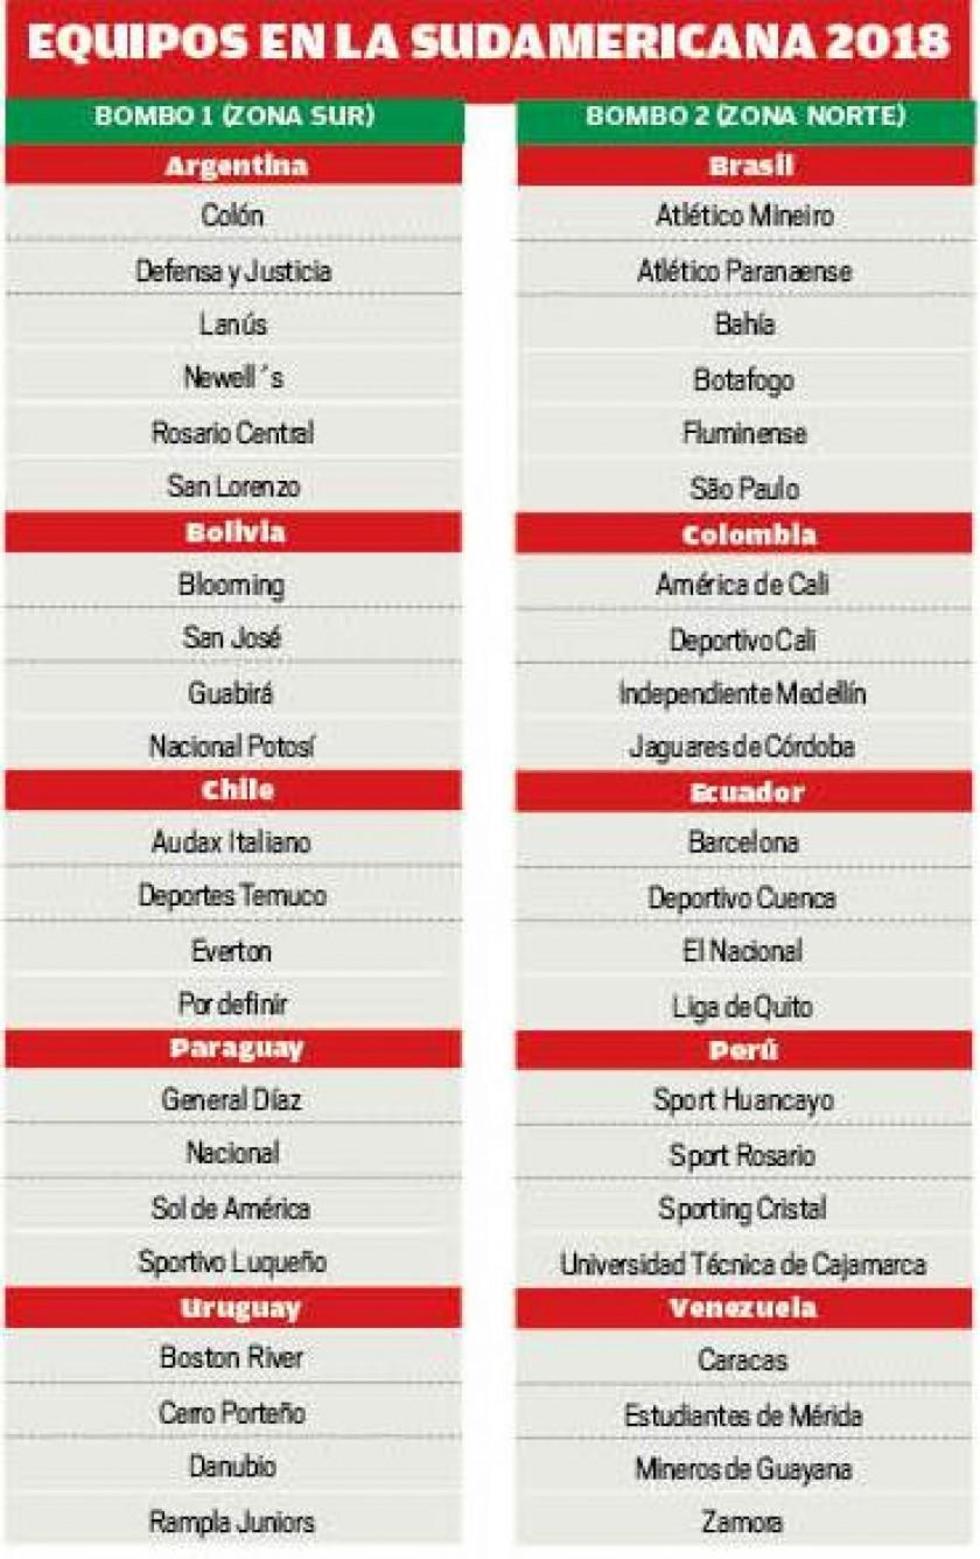 Equipos en la sudamericana 2018